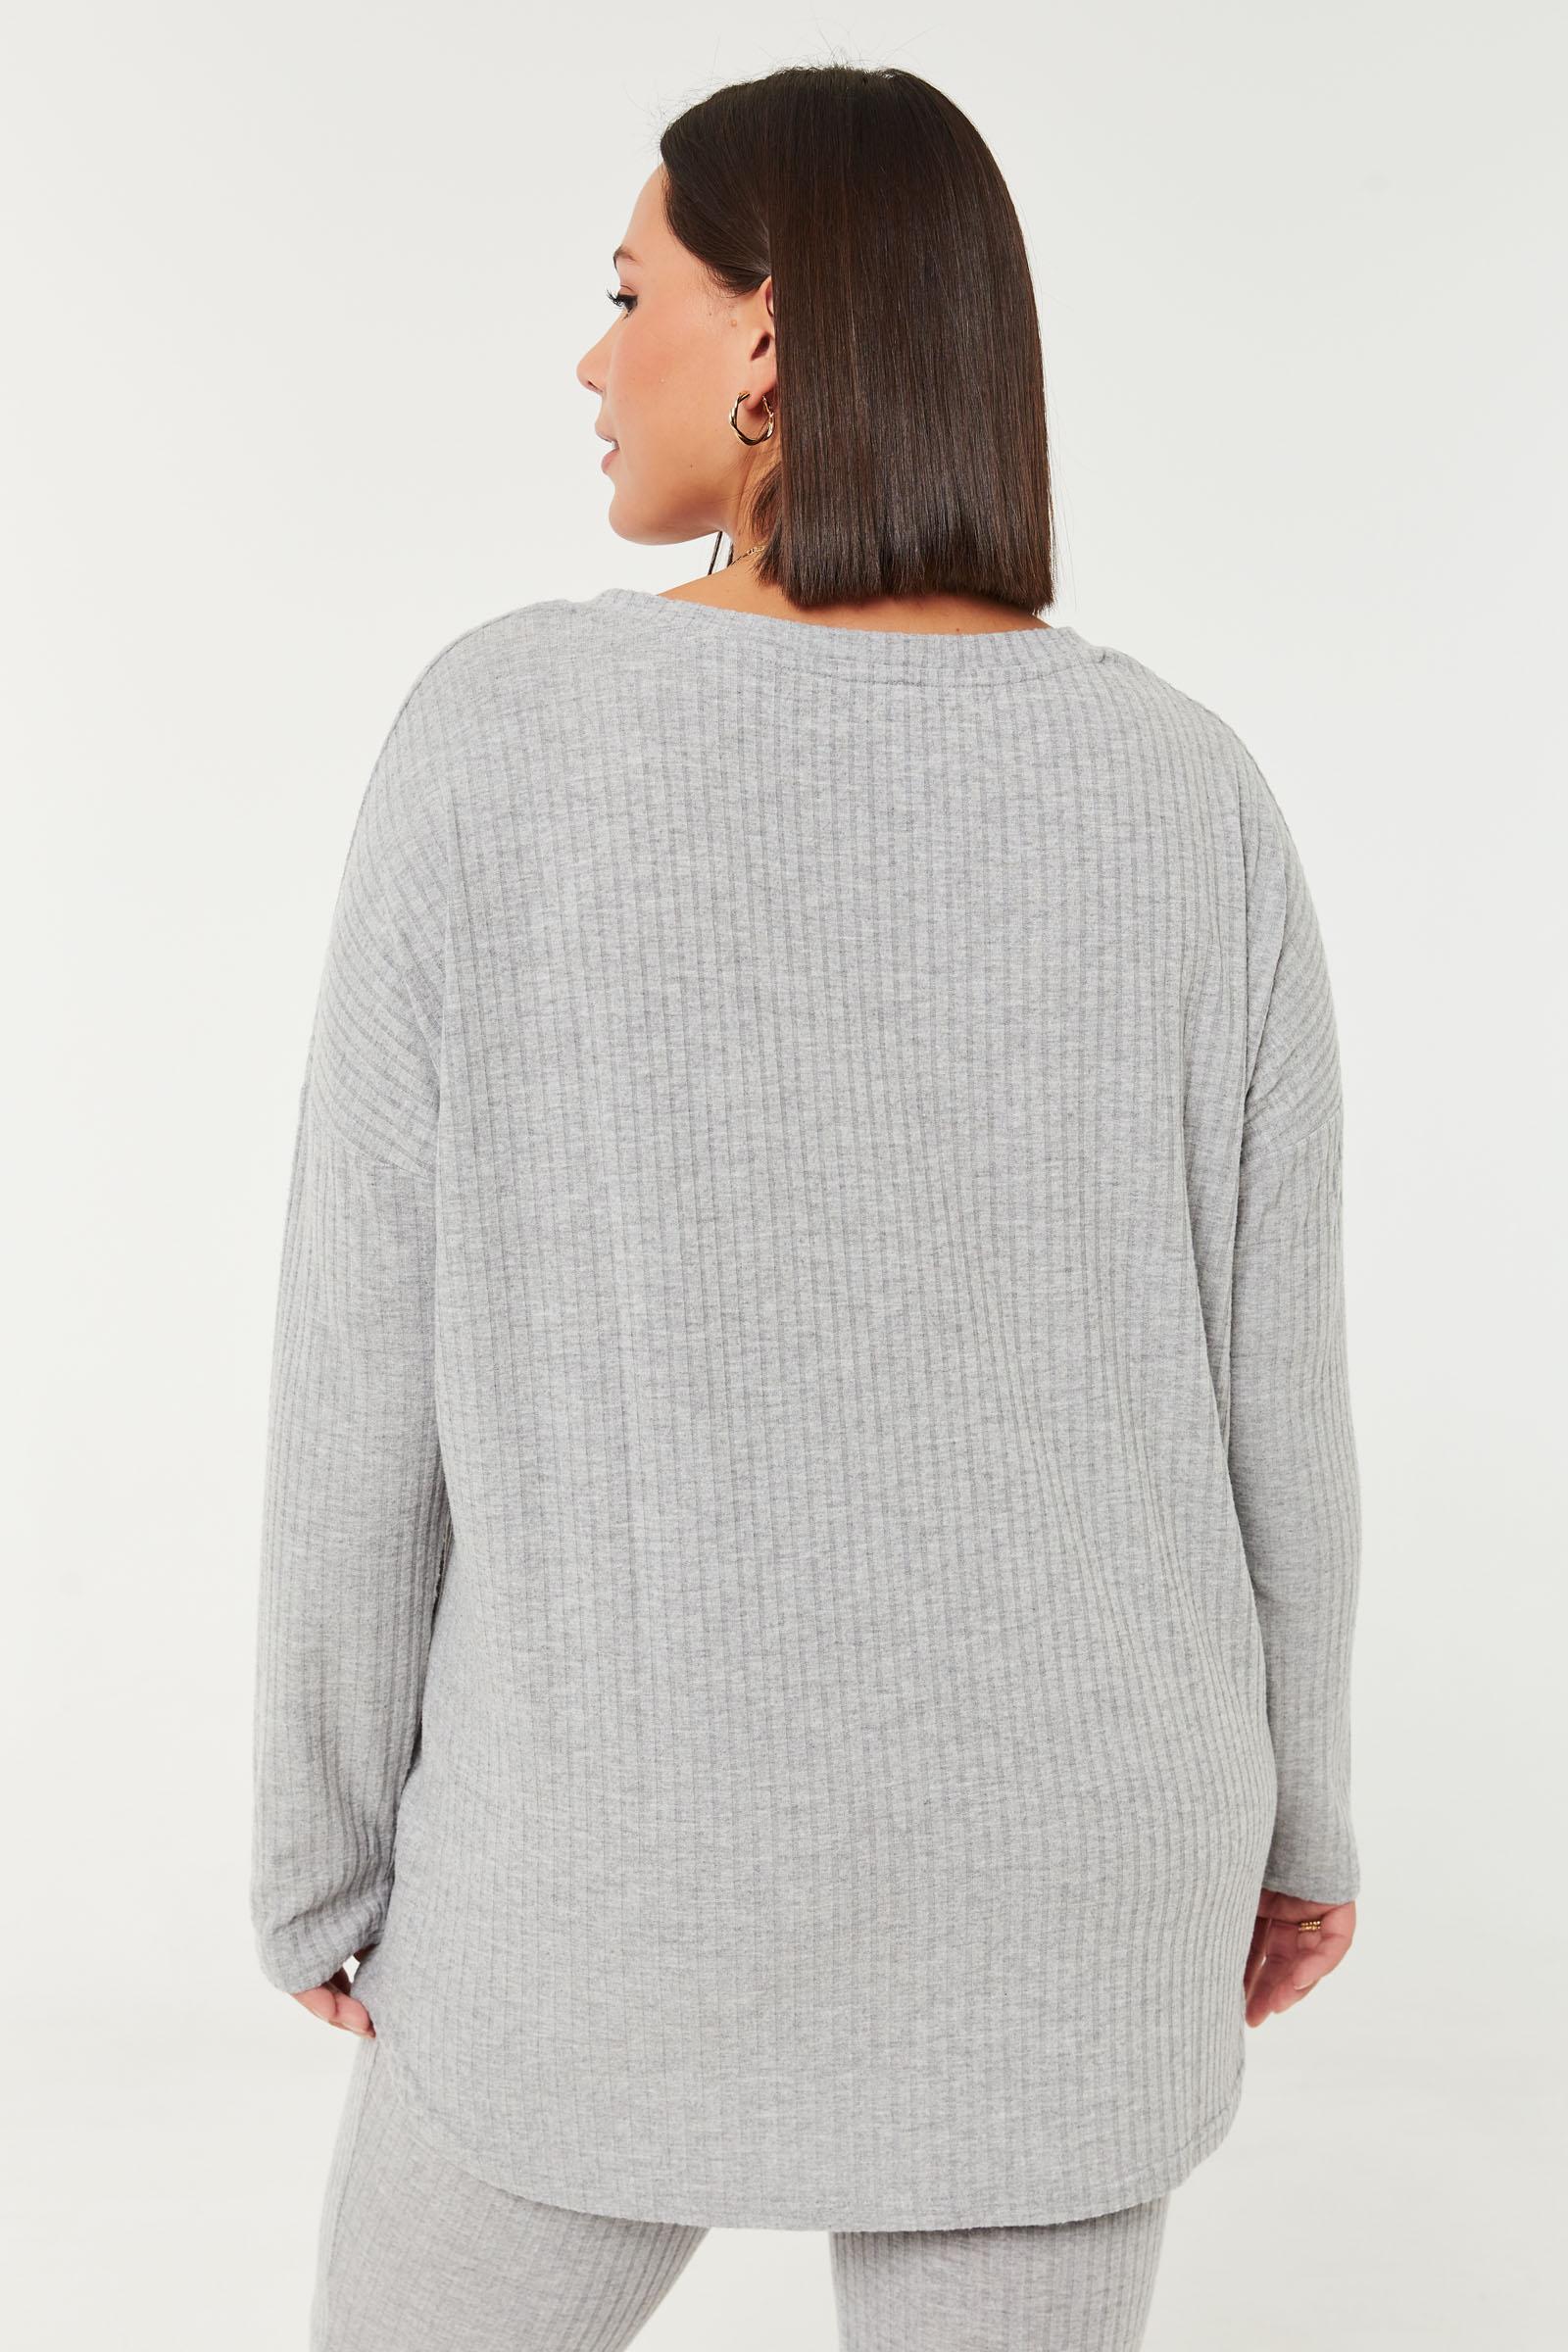 Brushed Rib V-Neck Sweater